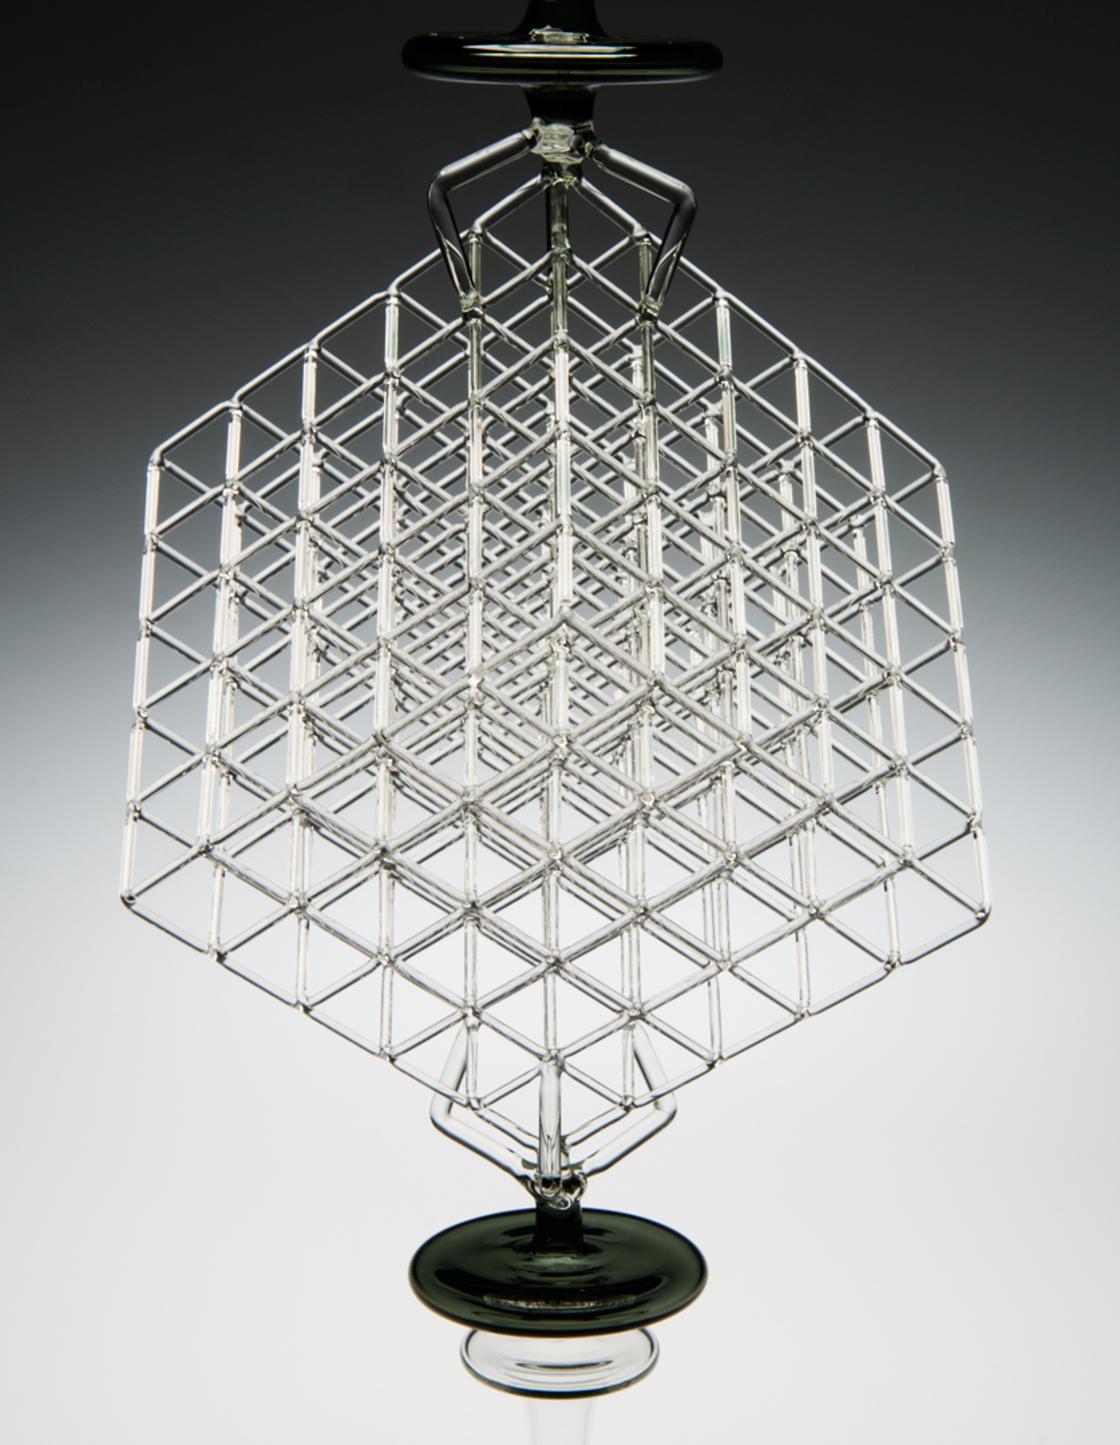 eunsuh-choi-glass-sculptures-14.jpg